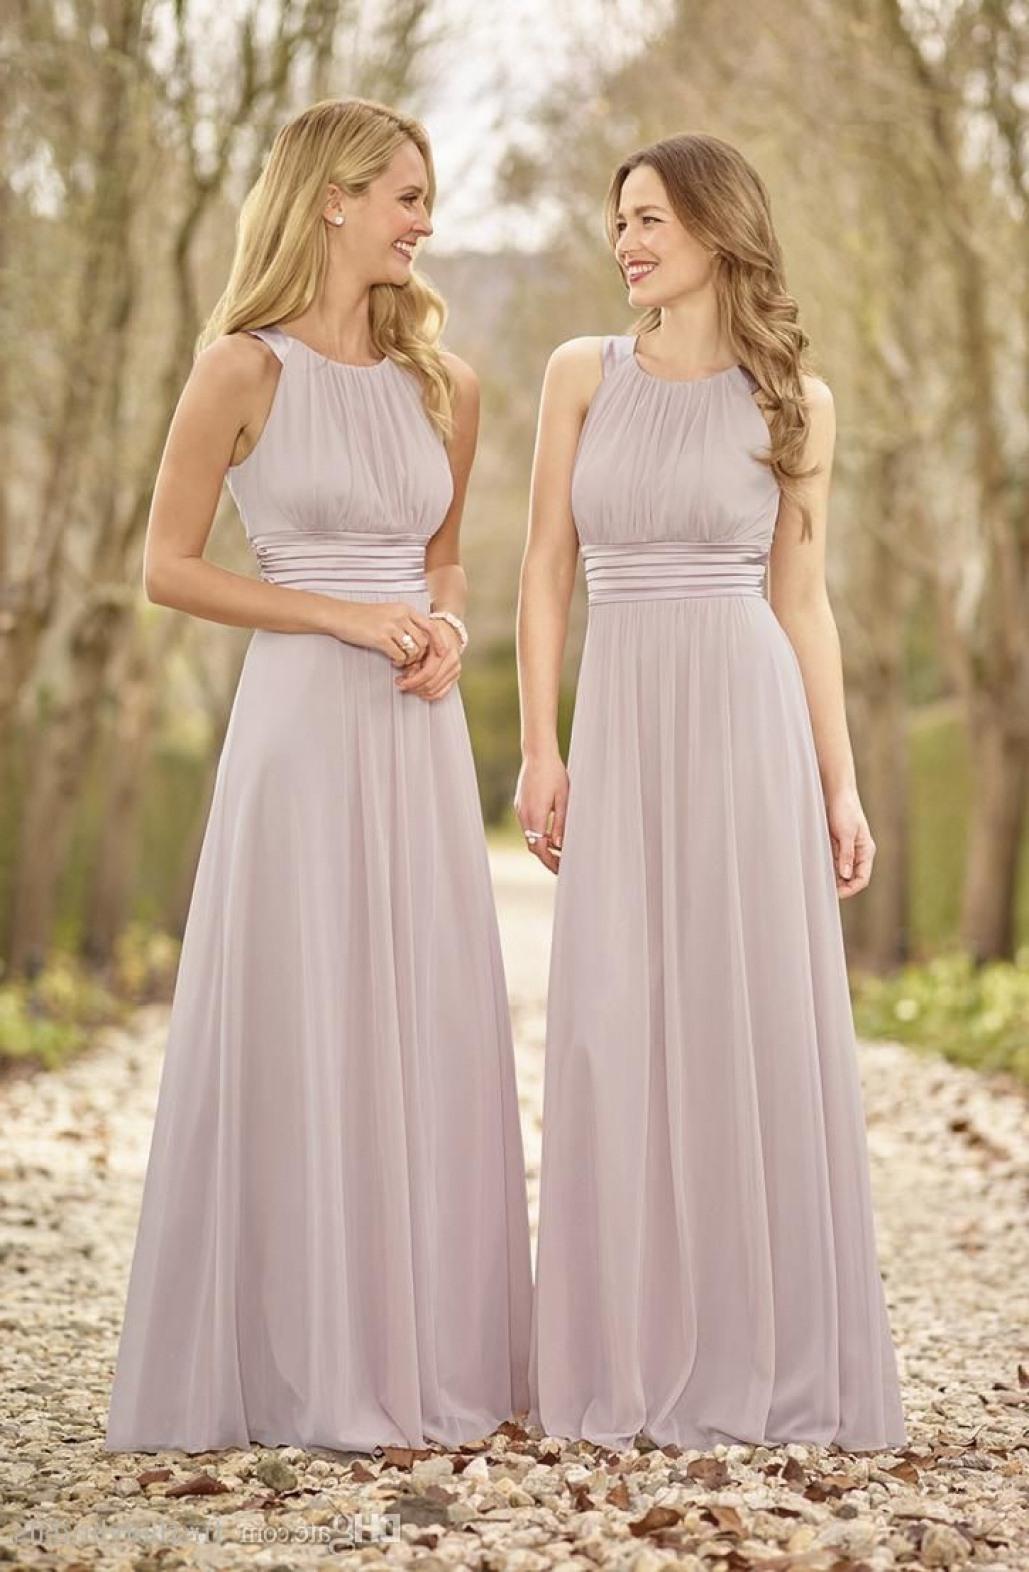 17 Schön Kleid Altrosa Hochzeit Boutique17 Leicht Kleid Altrosa Hochzeit Vertrieb